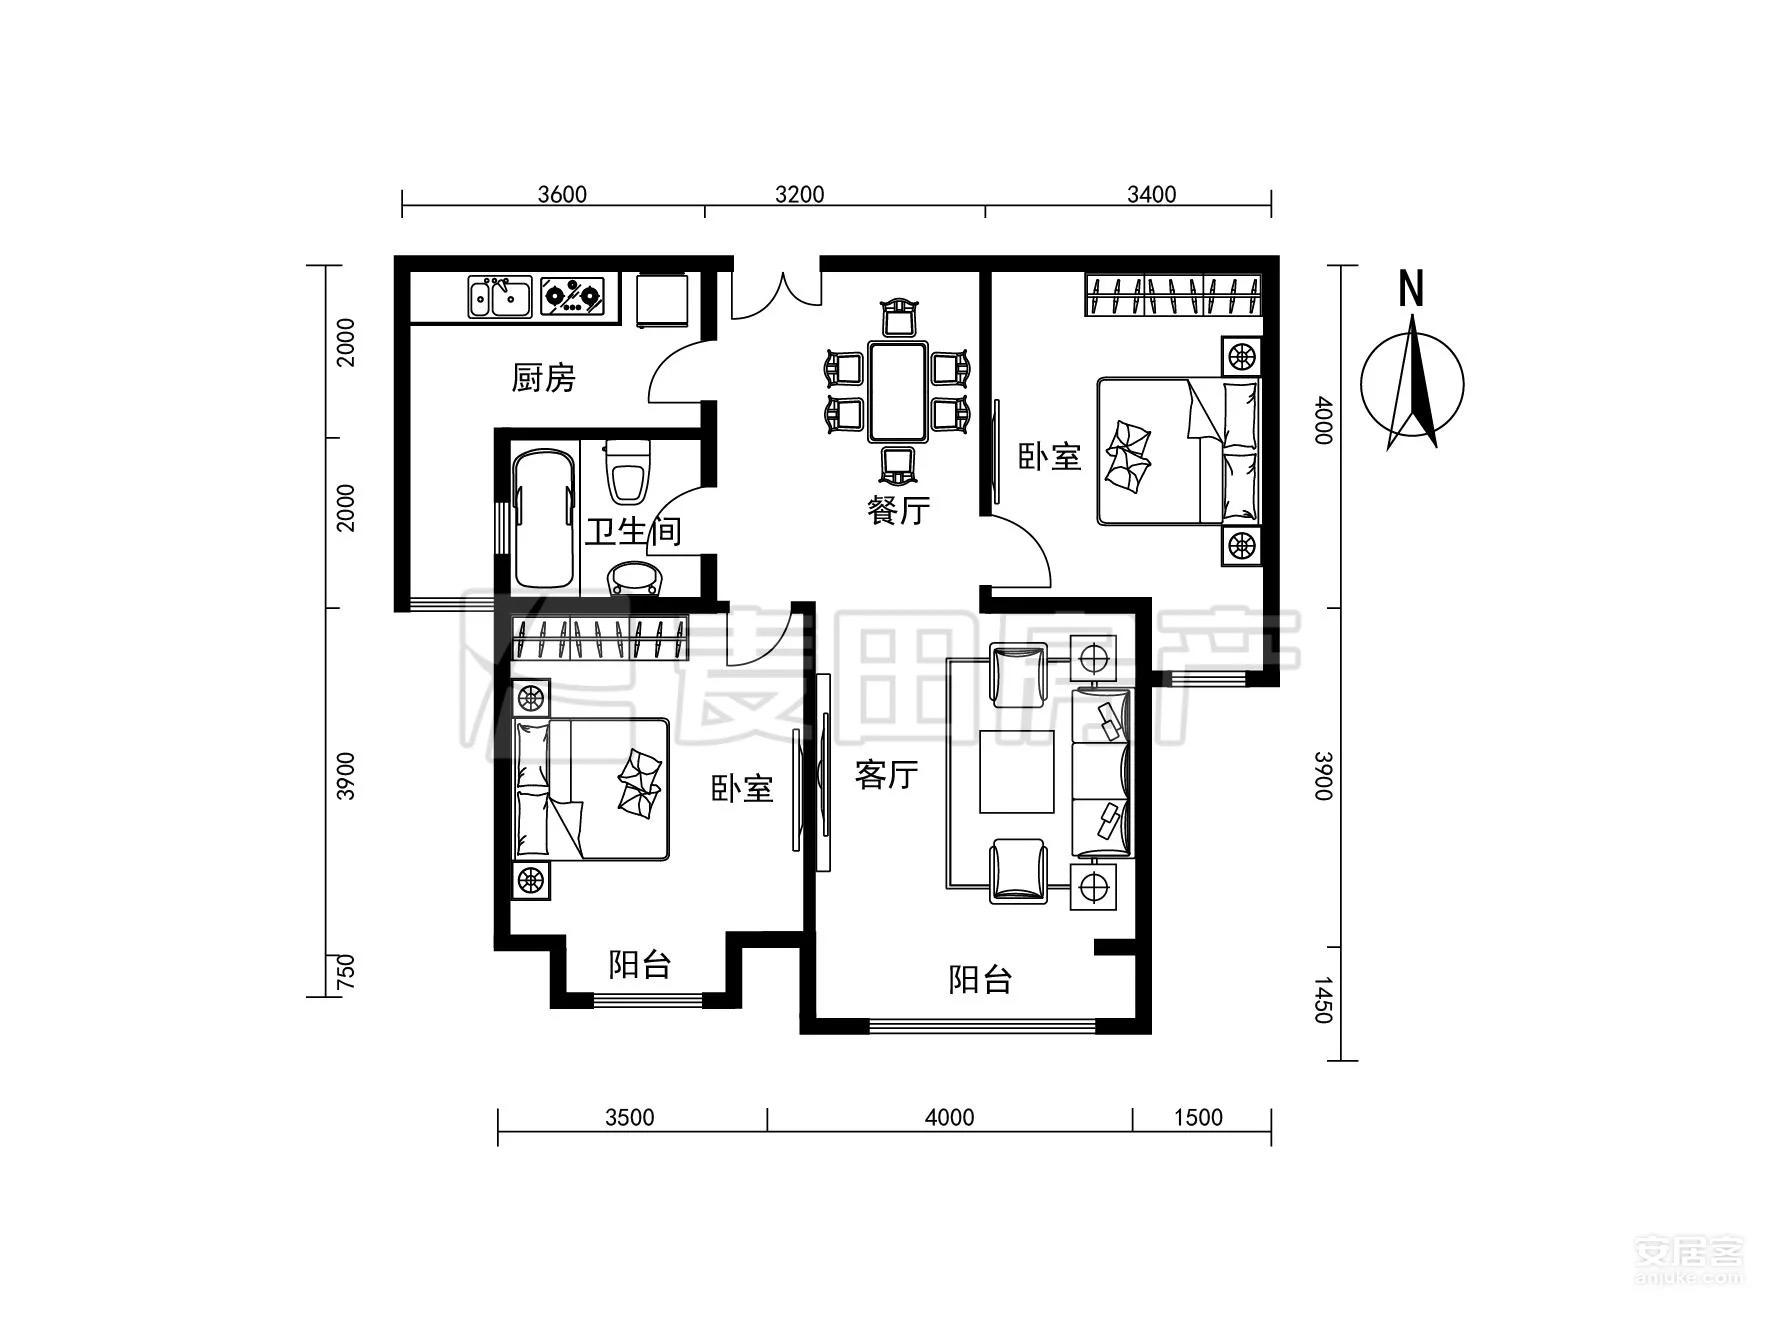 厨房想增加储物空间 如何设计装修更合理。